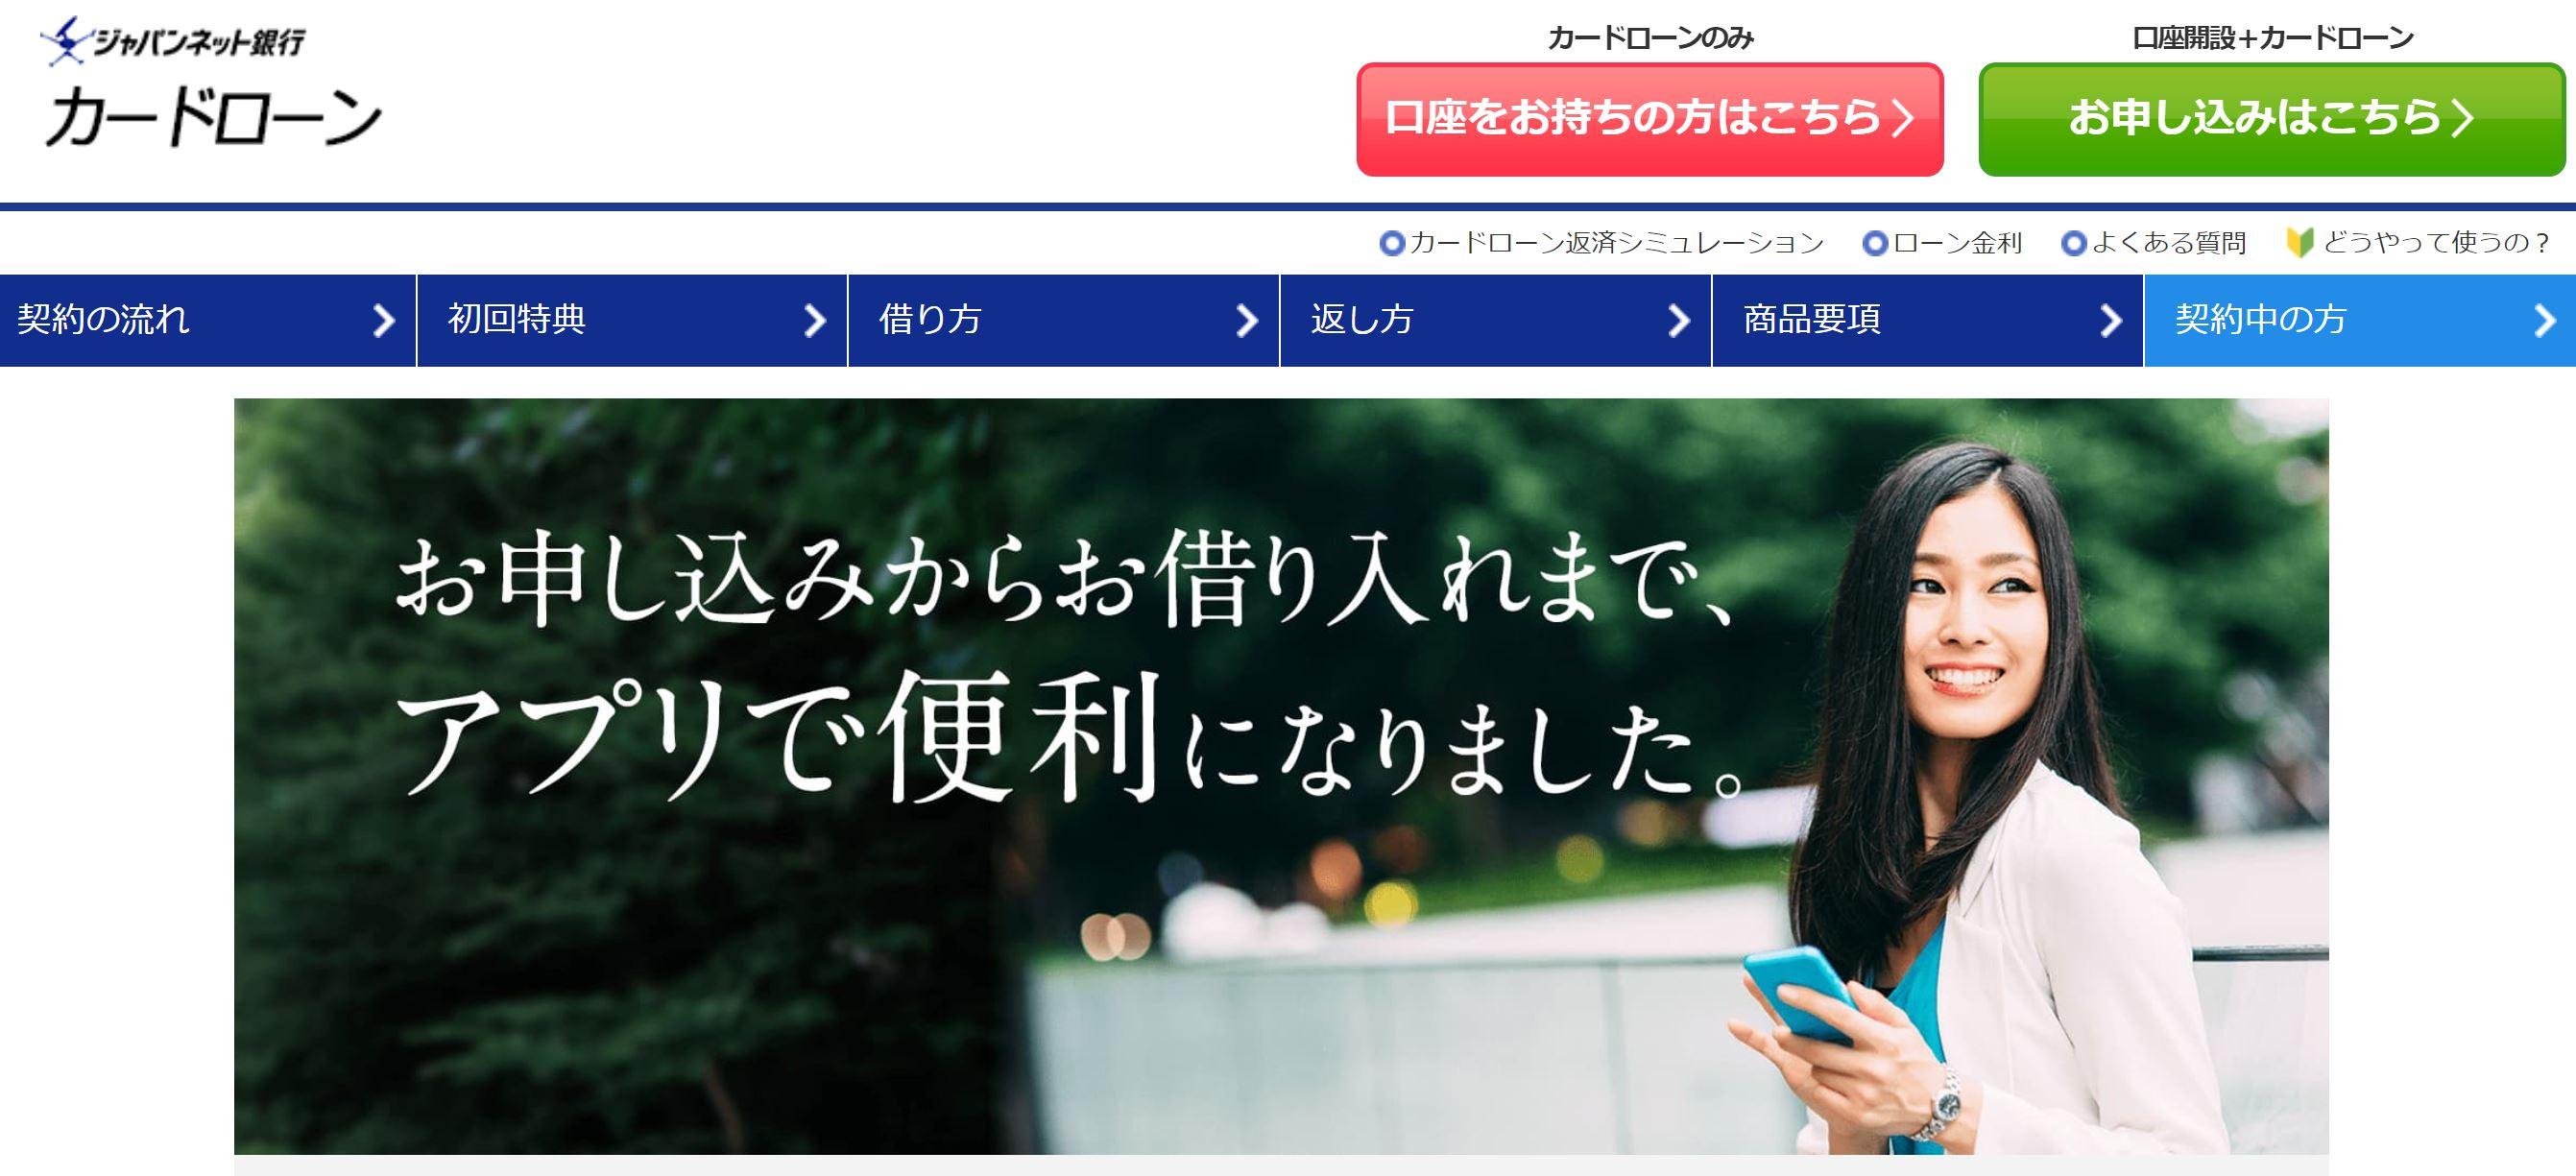 主婦_カードローン_ジャパンネット銀行